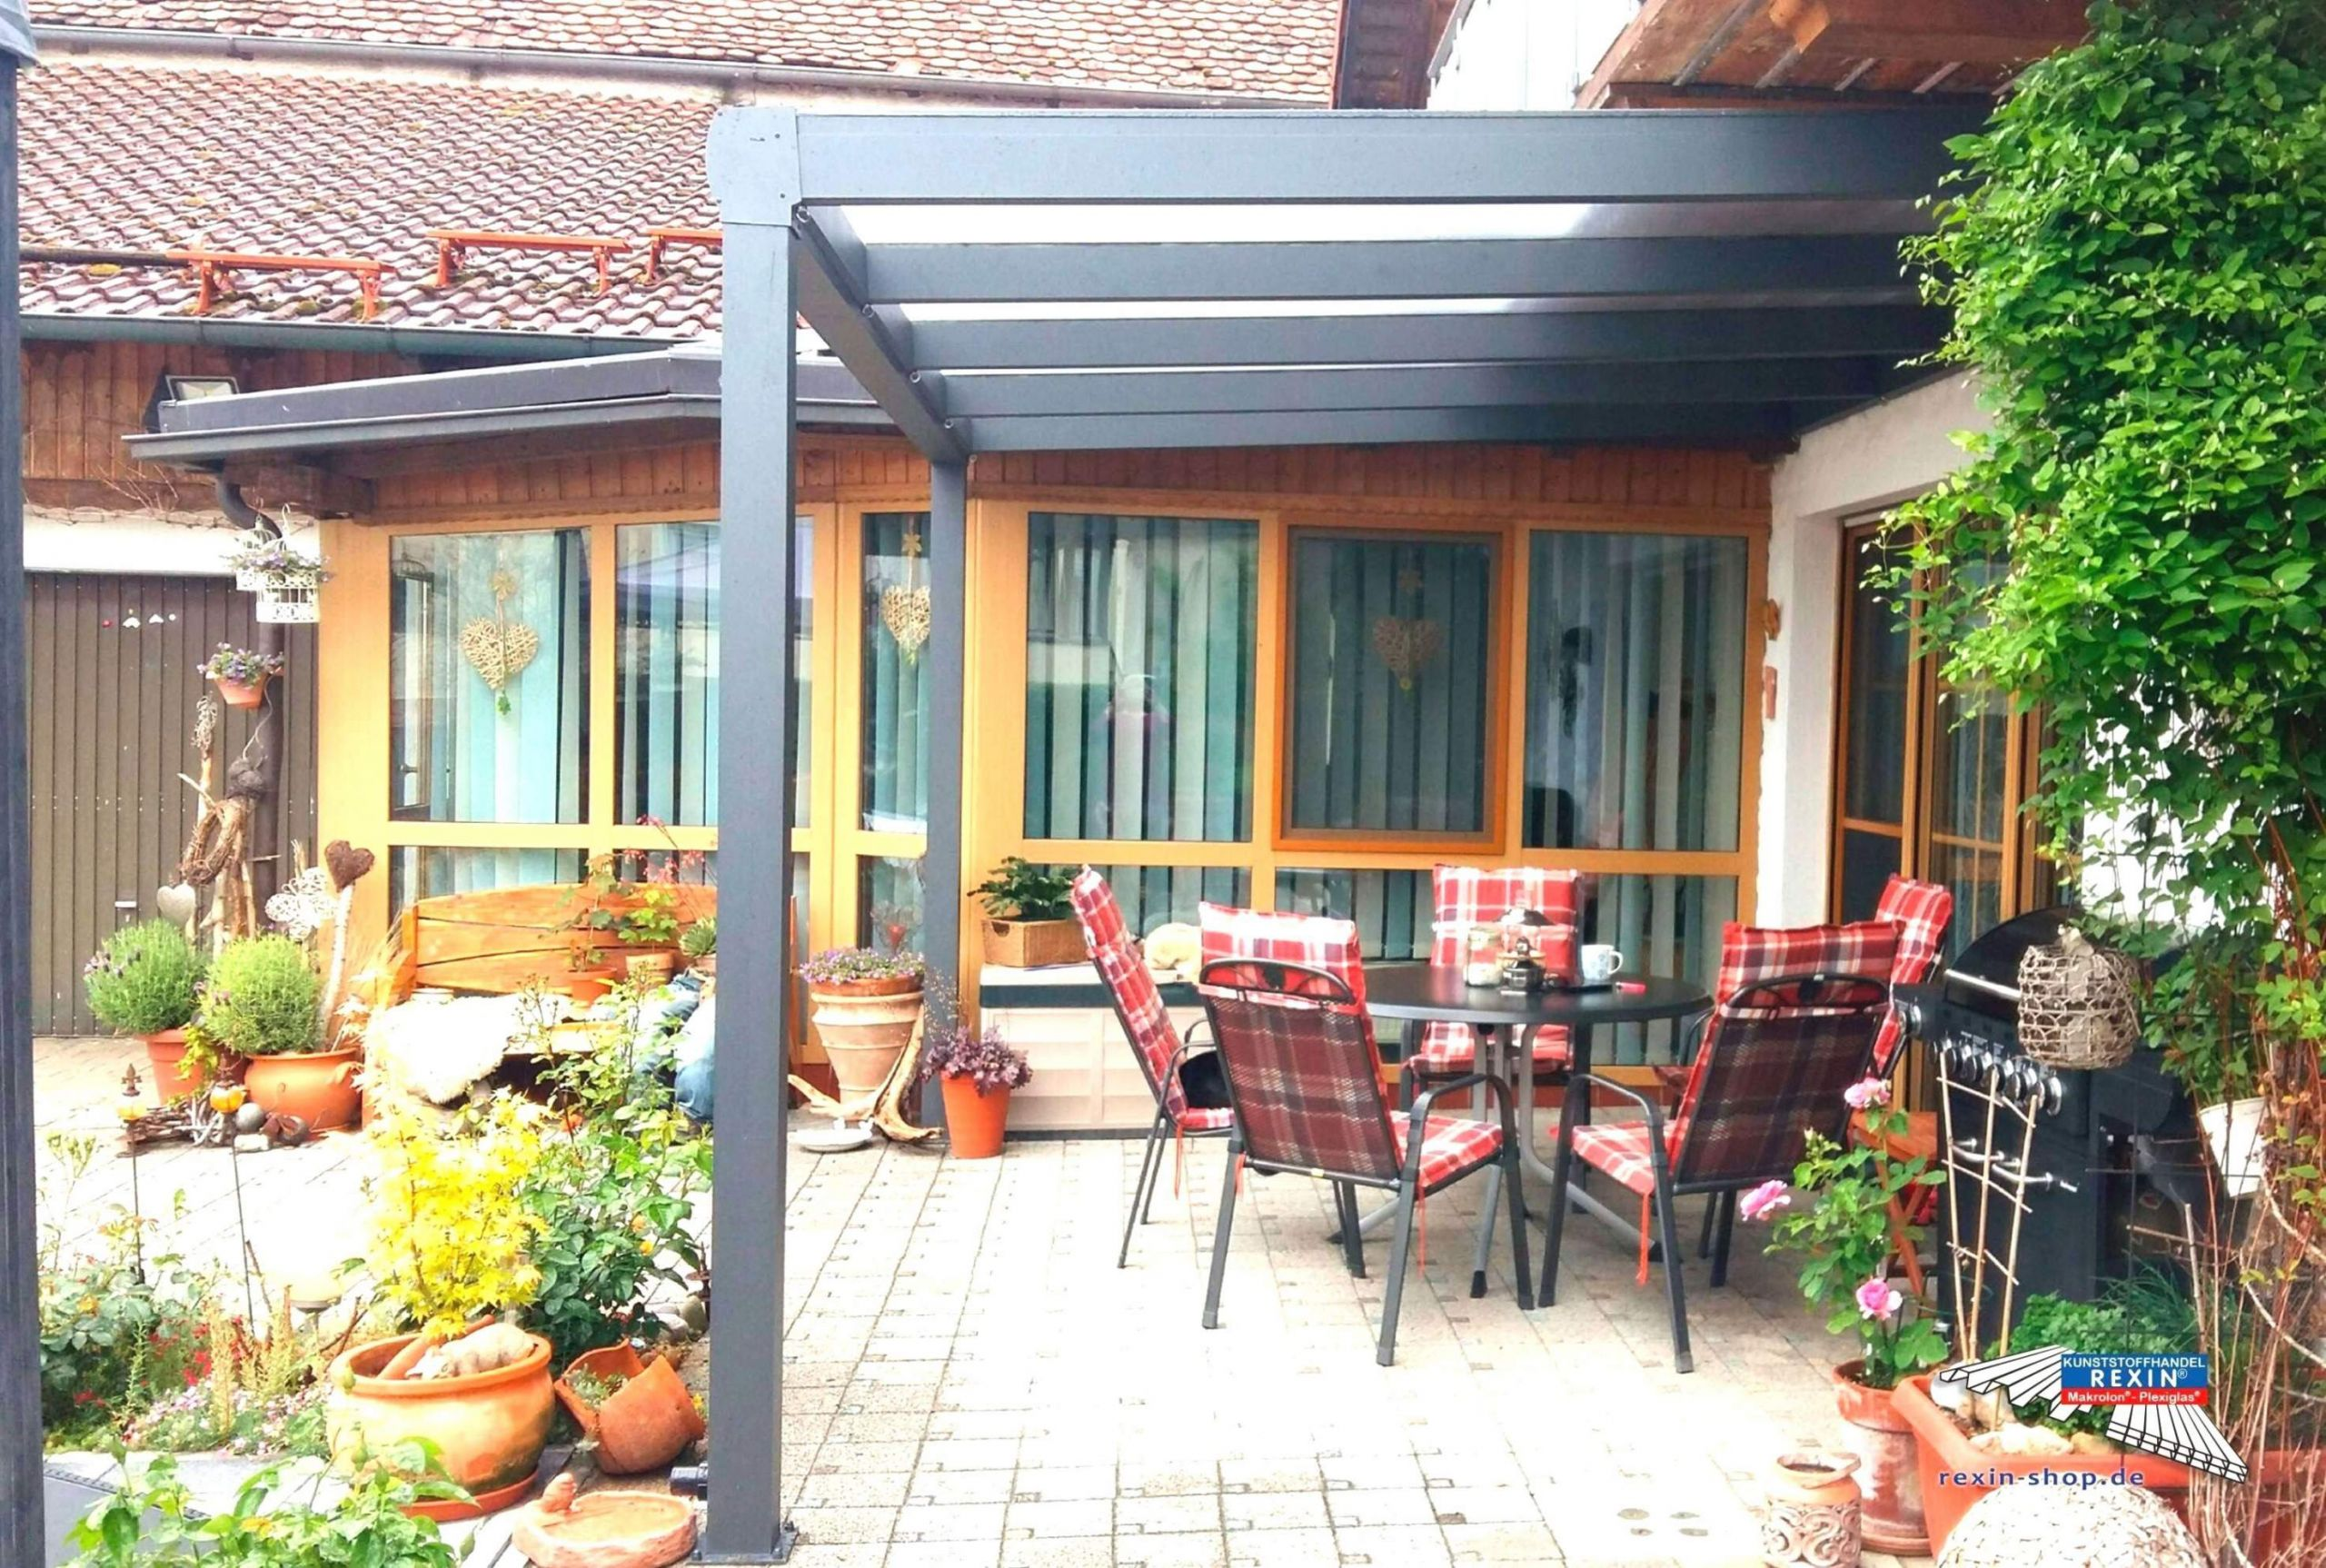 Holzpaneele Garten Das Beste Von Terrasse Shabby Chic — Temobardz Home Blog